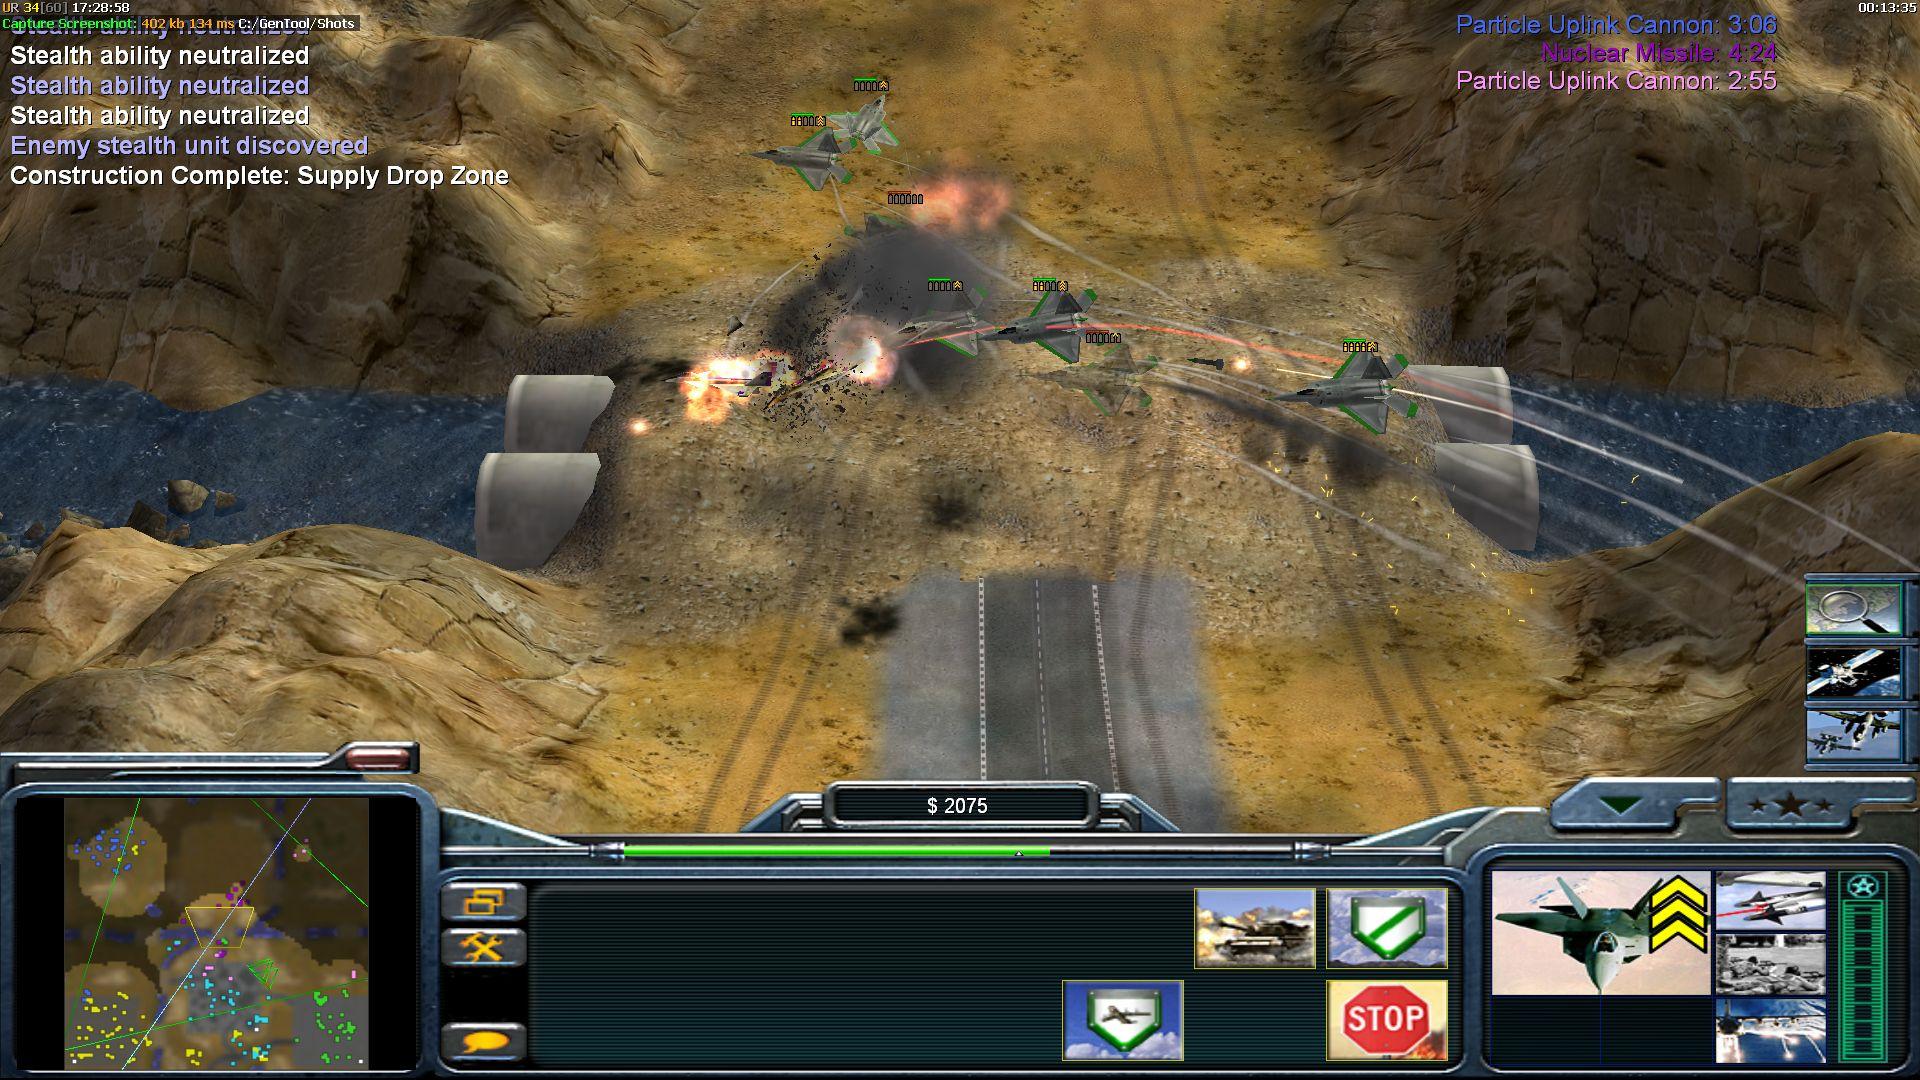 Urban warfare image - earth conflict mod for cc: generals zero hour